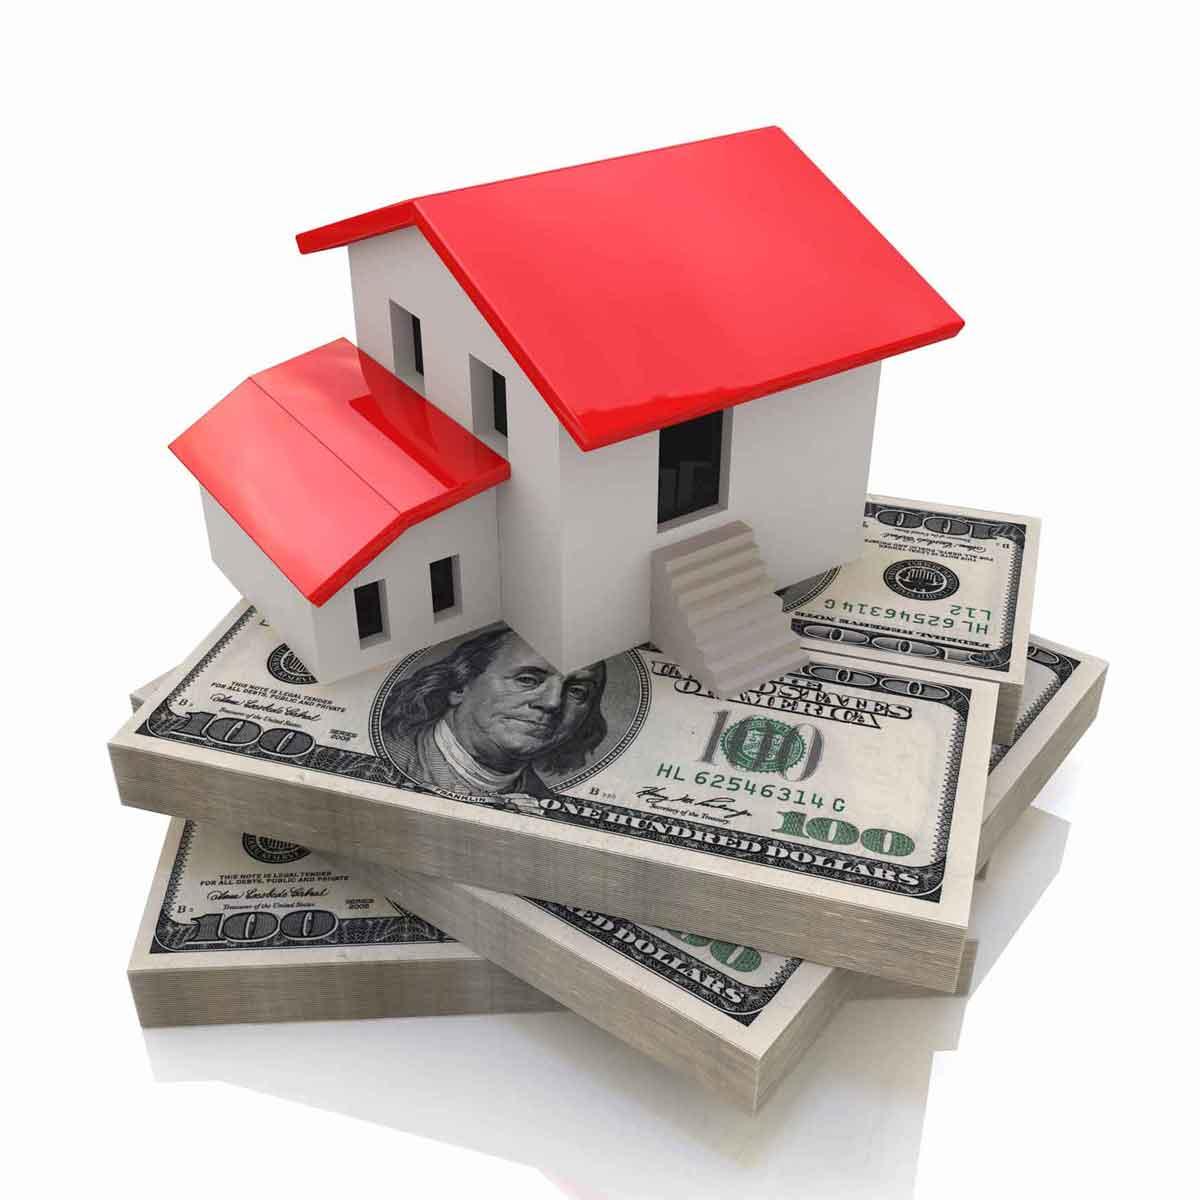 investire-sulle-case-perche-adesso